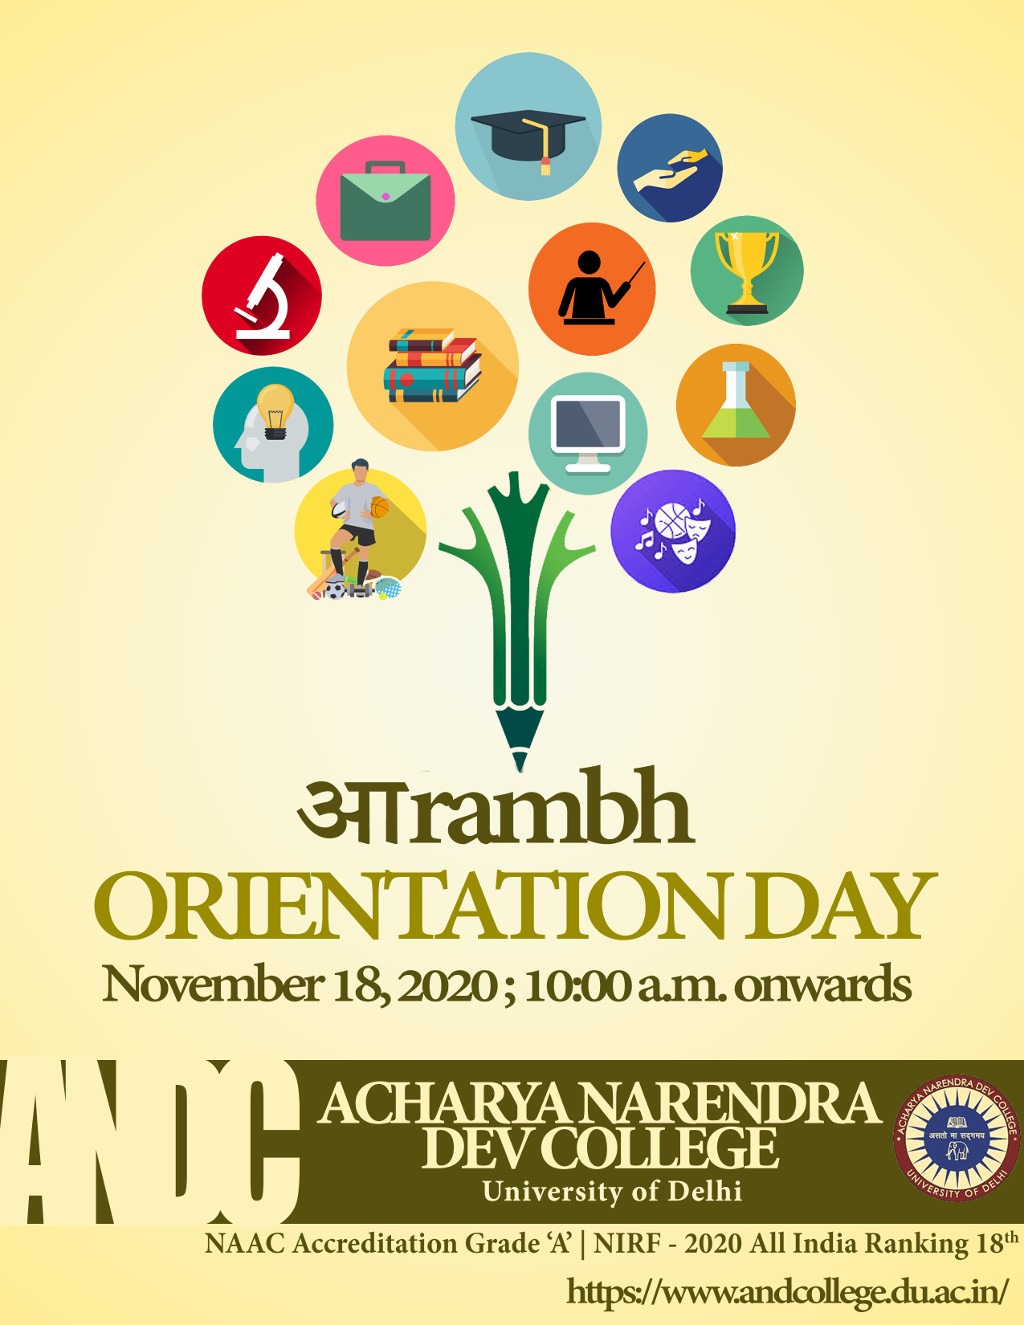 Orientation Day 2020